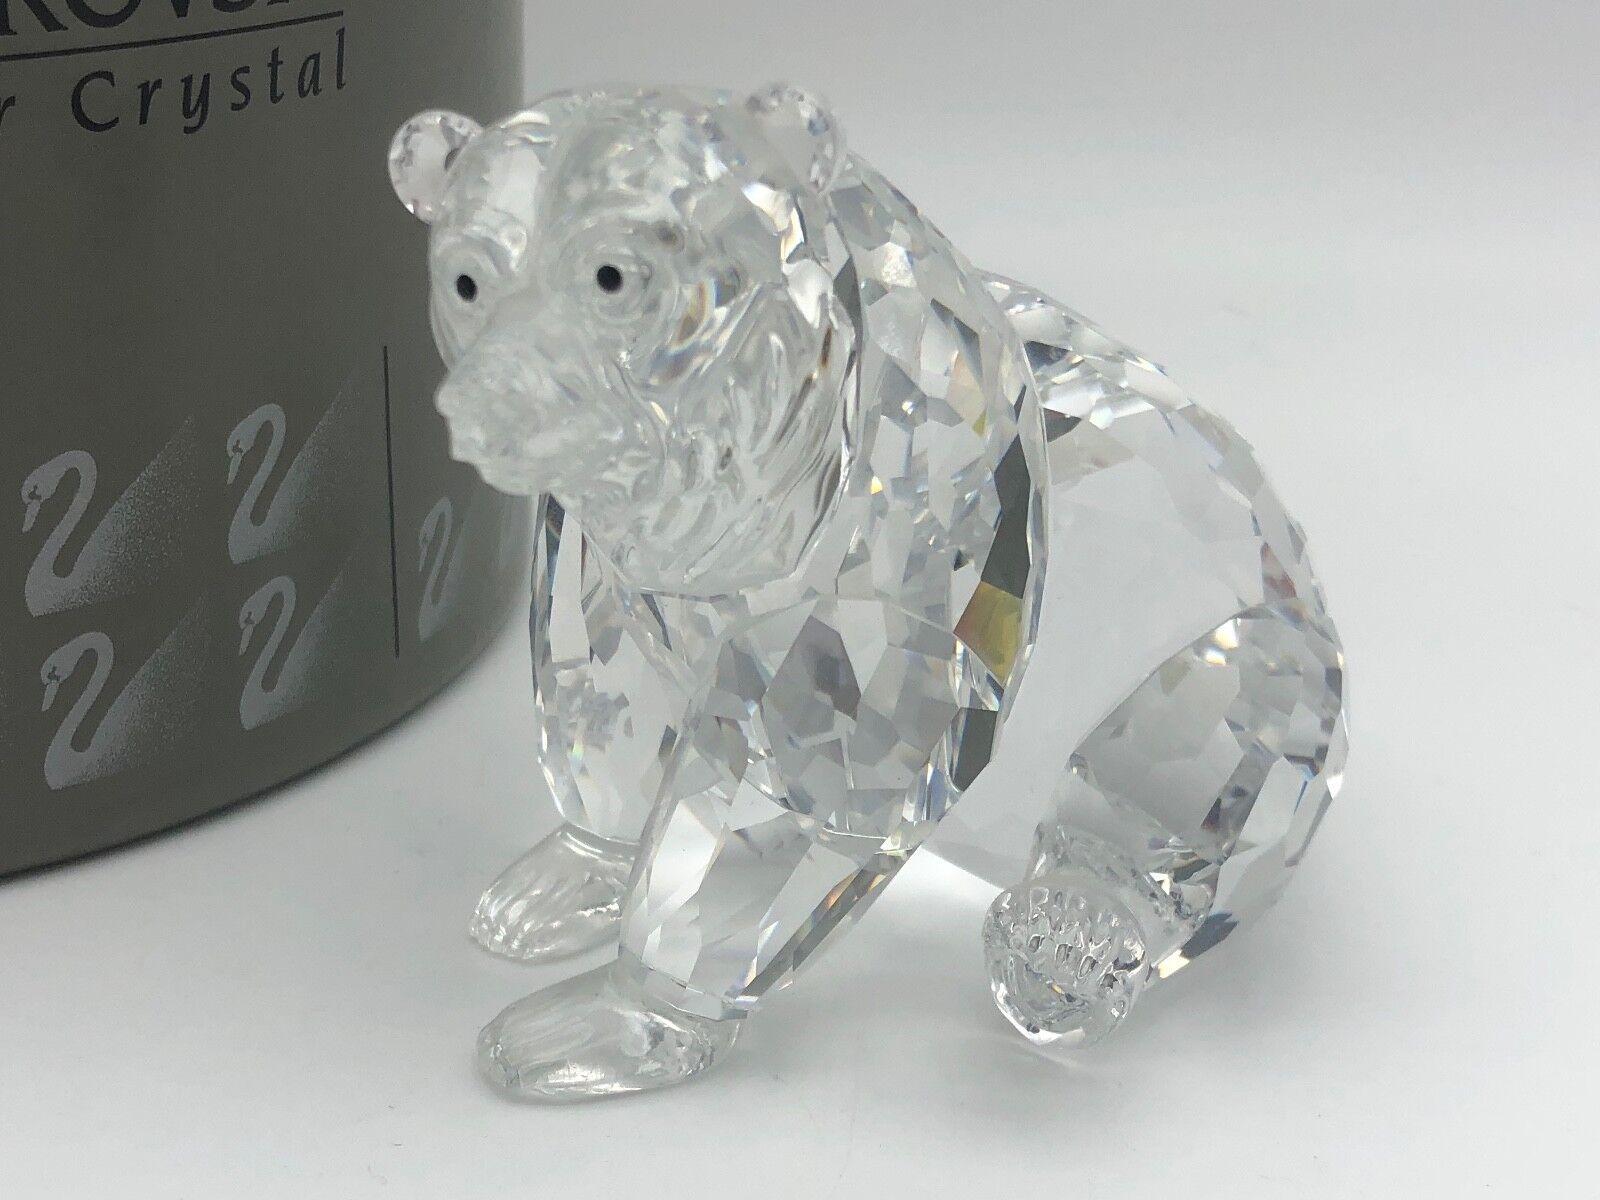 Swarovski Figur Grizzlybär sitzend 9 cm. Mit Ovp & Zertifikat. Top Zustand